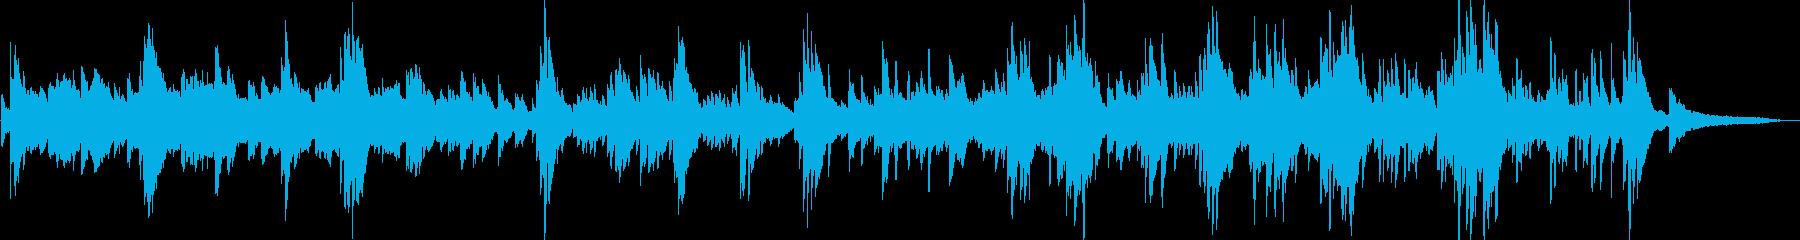 哀愁・幻想的 アンビエントなピアノソロの再生済みの波形